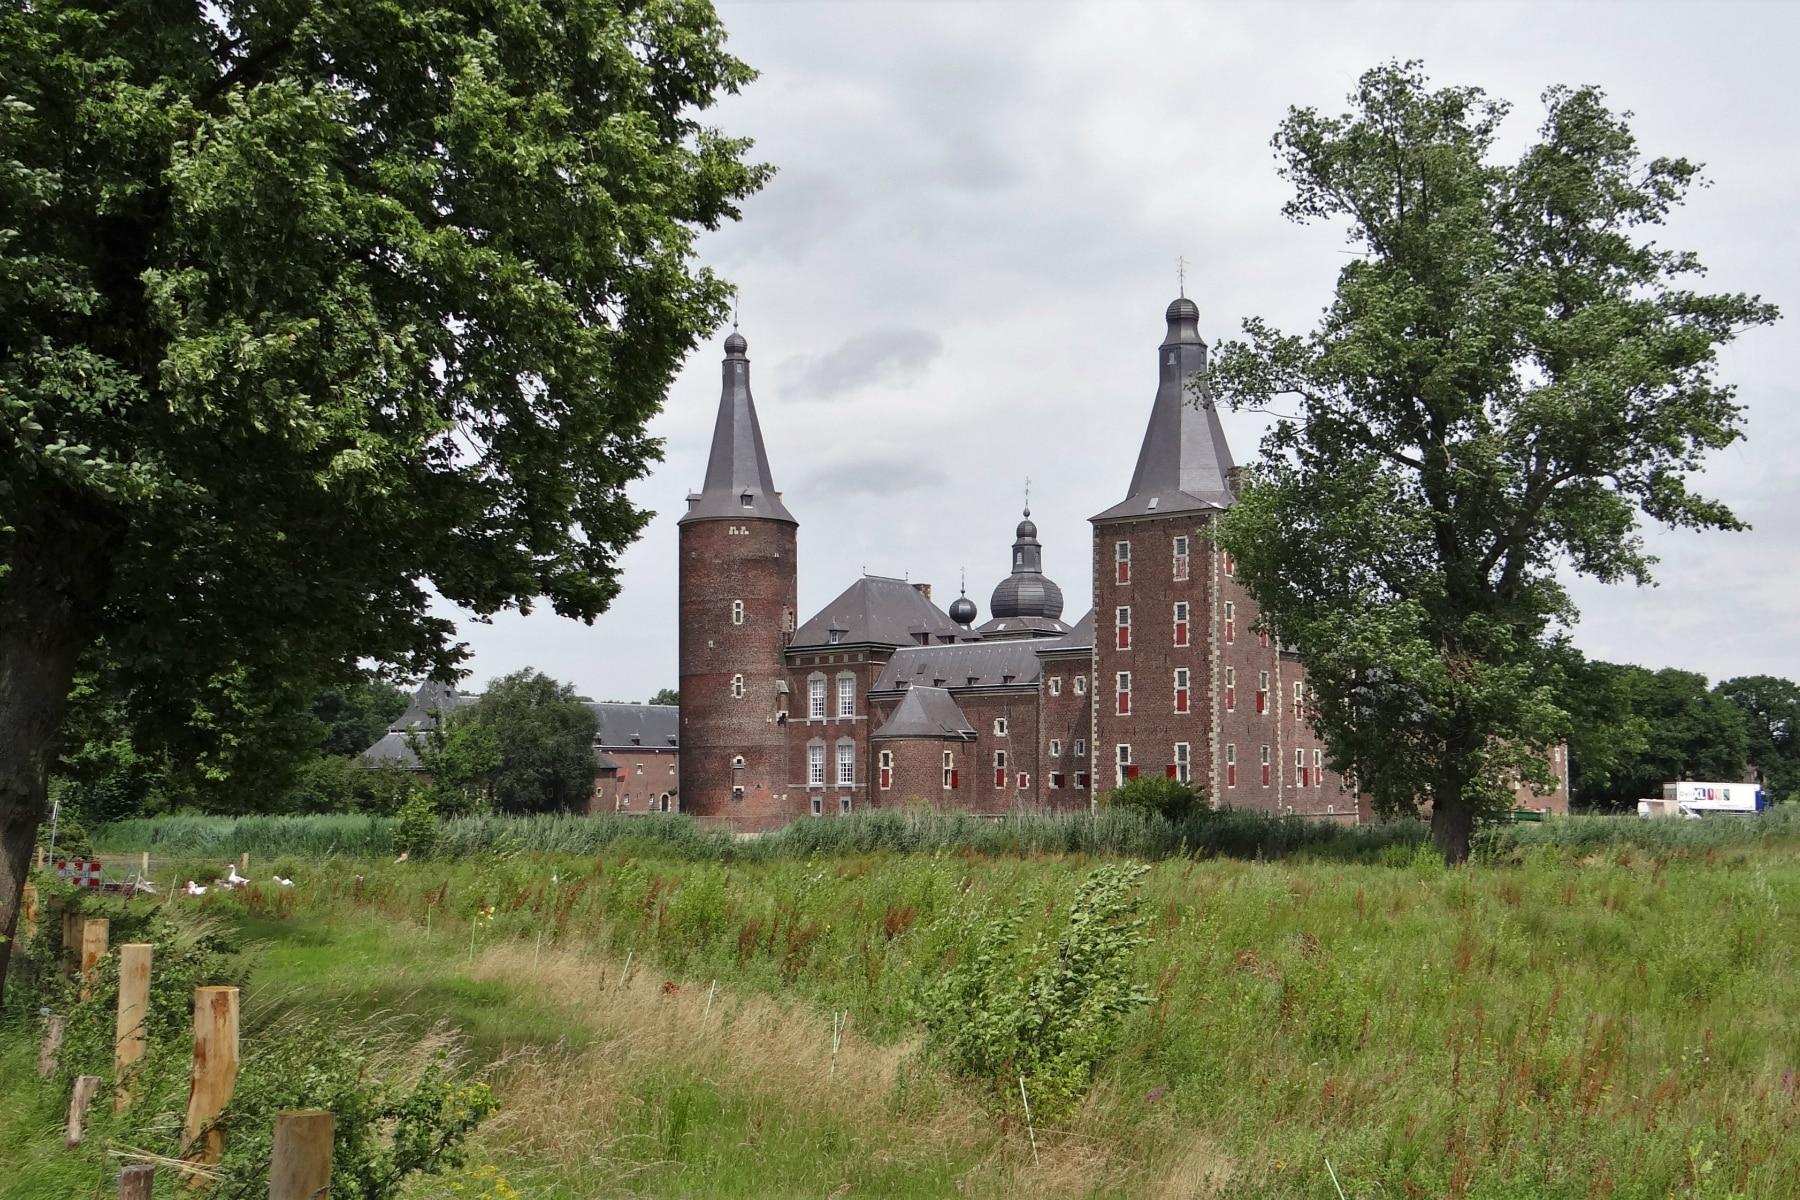 Camping Ausflug C-Mine Genk Belgien Schloss Neuschwanstein Hohenschwangau Bayern Deutschland Rathausuhr Prag Tschechien Montserrat Spanien Hoensbroek Niederlande